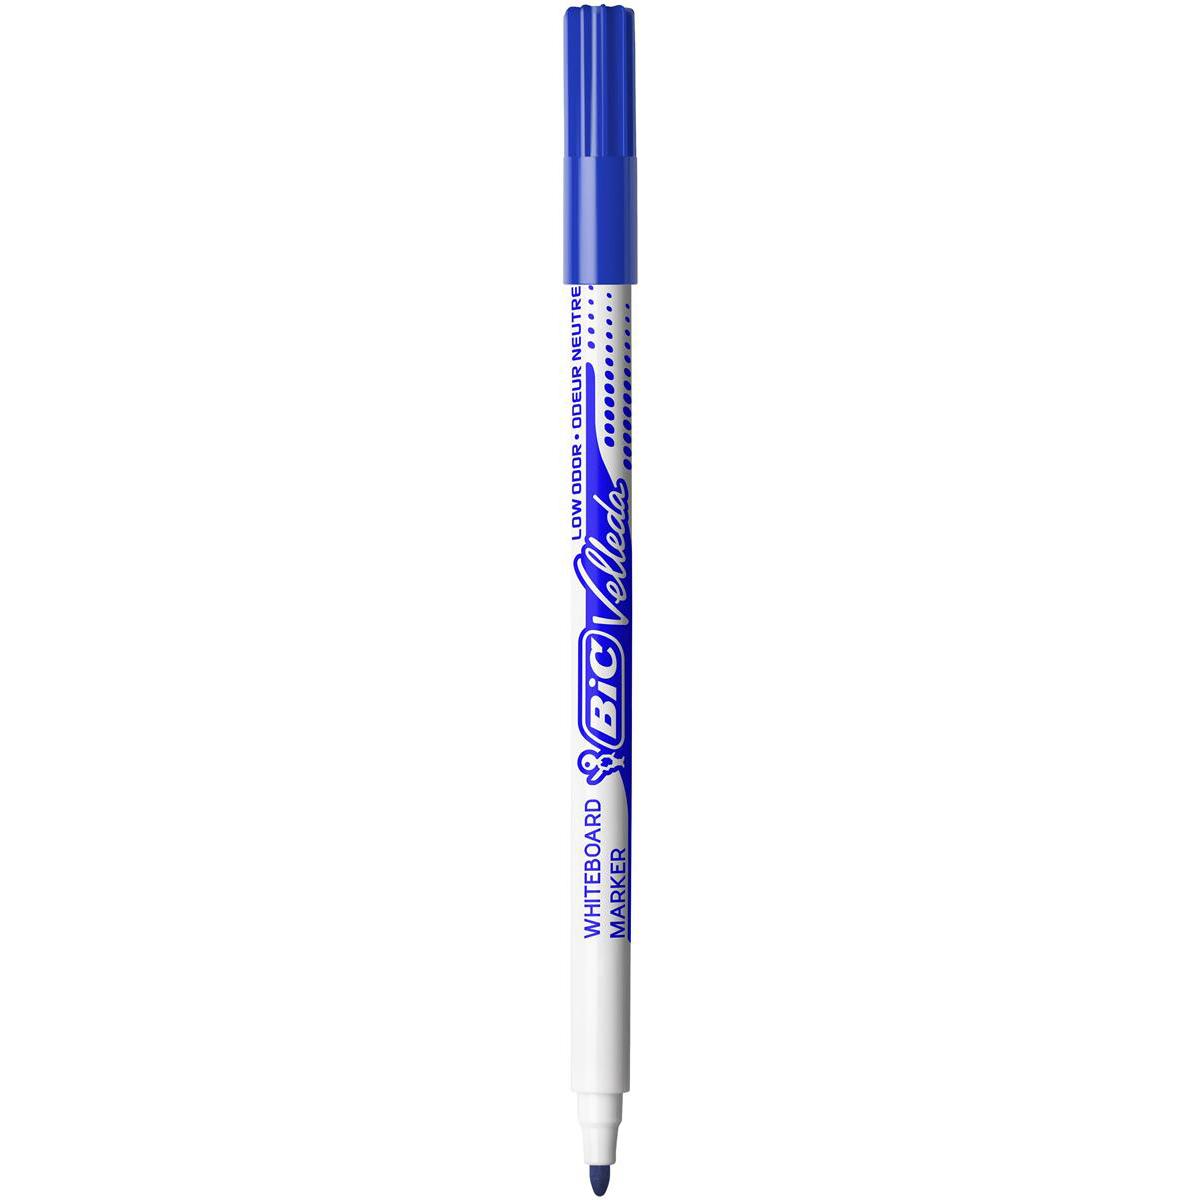 Bic Velleda Marker Whiteboard Dry-wipe 1721 Fine Bullet Tip 1.5mm Line Blue Ref 841841 Pack 24